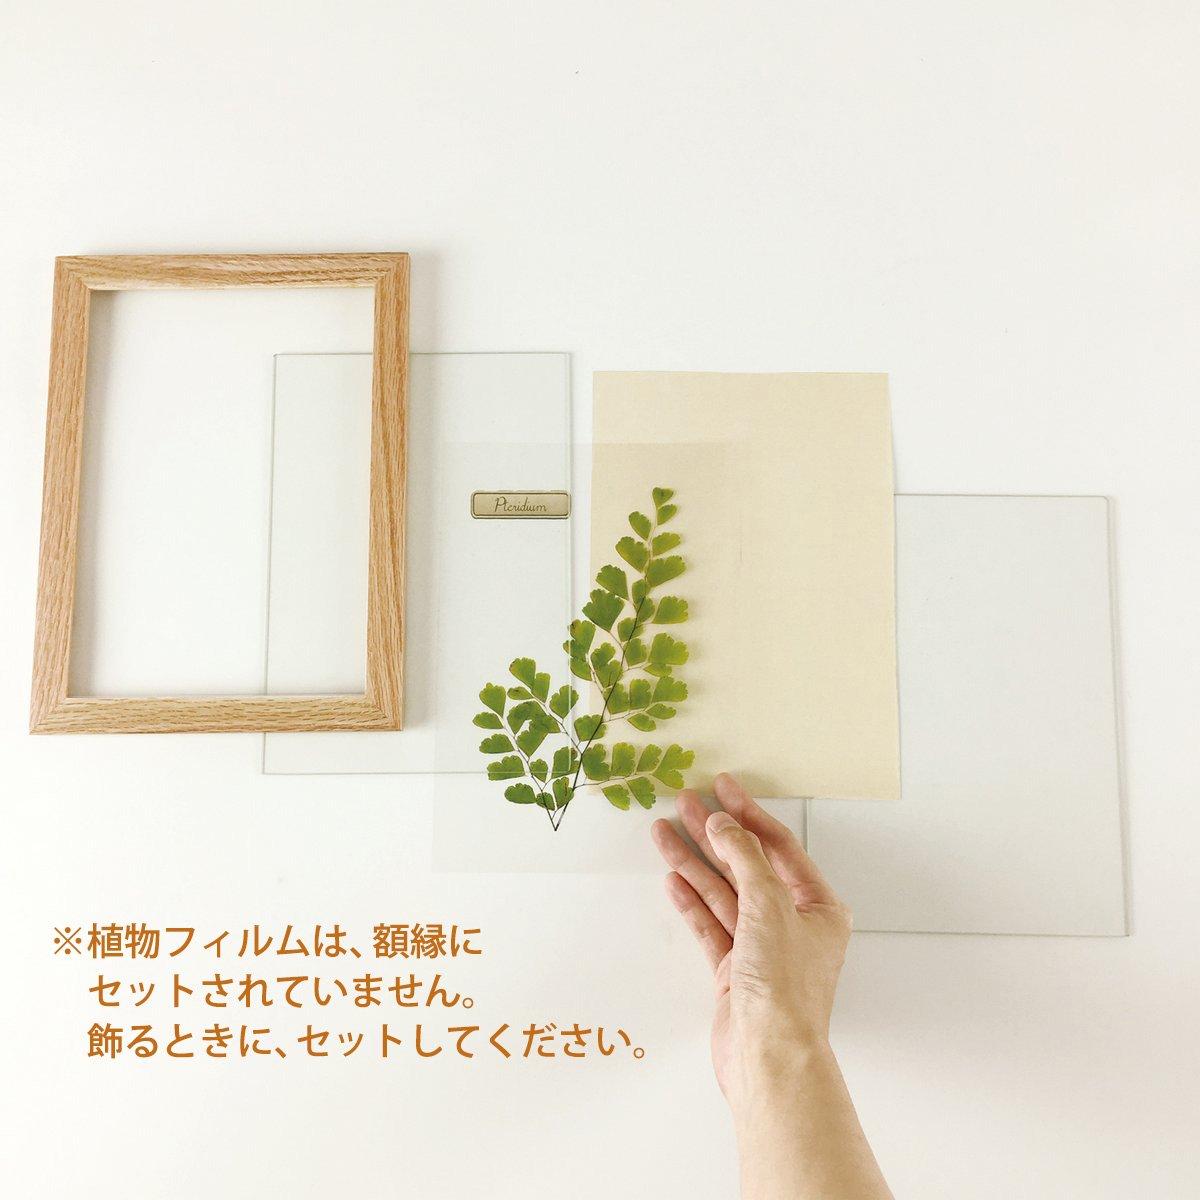 【アートフレーム】ハーバリウムフレーム キンポウゲ/ブラウン(壁掛け)